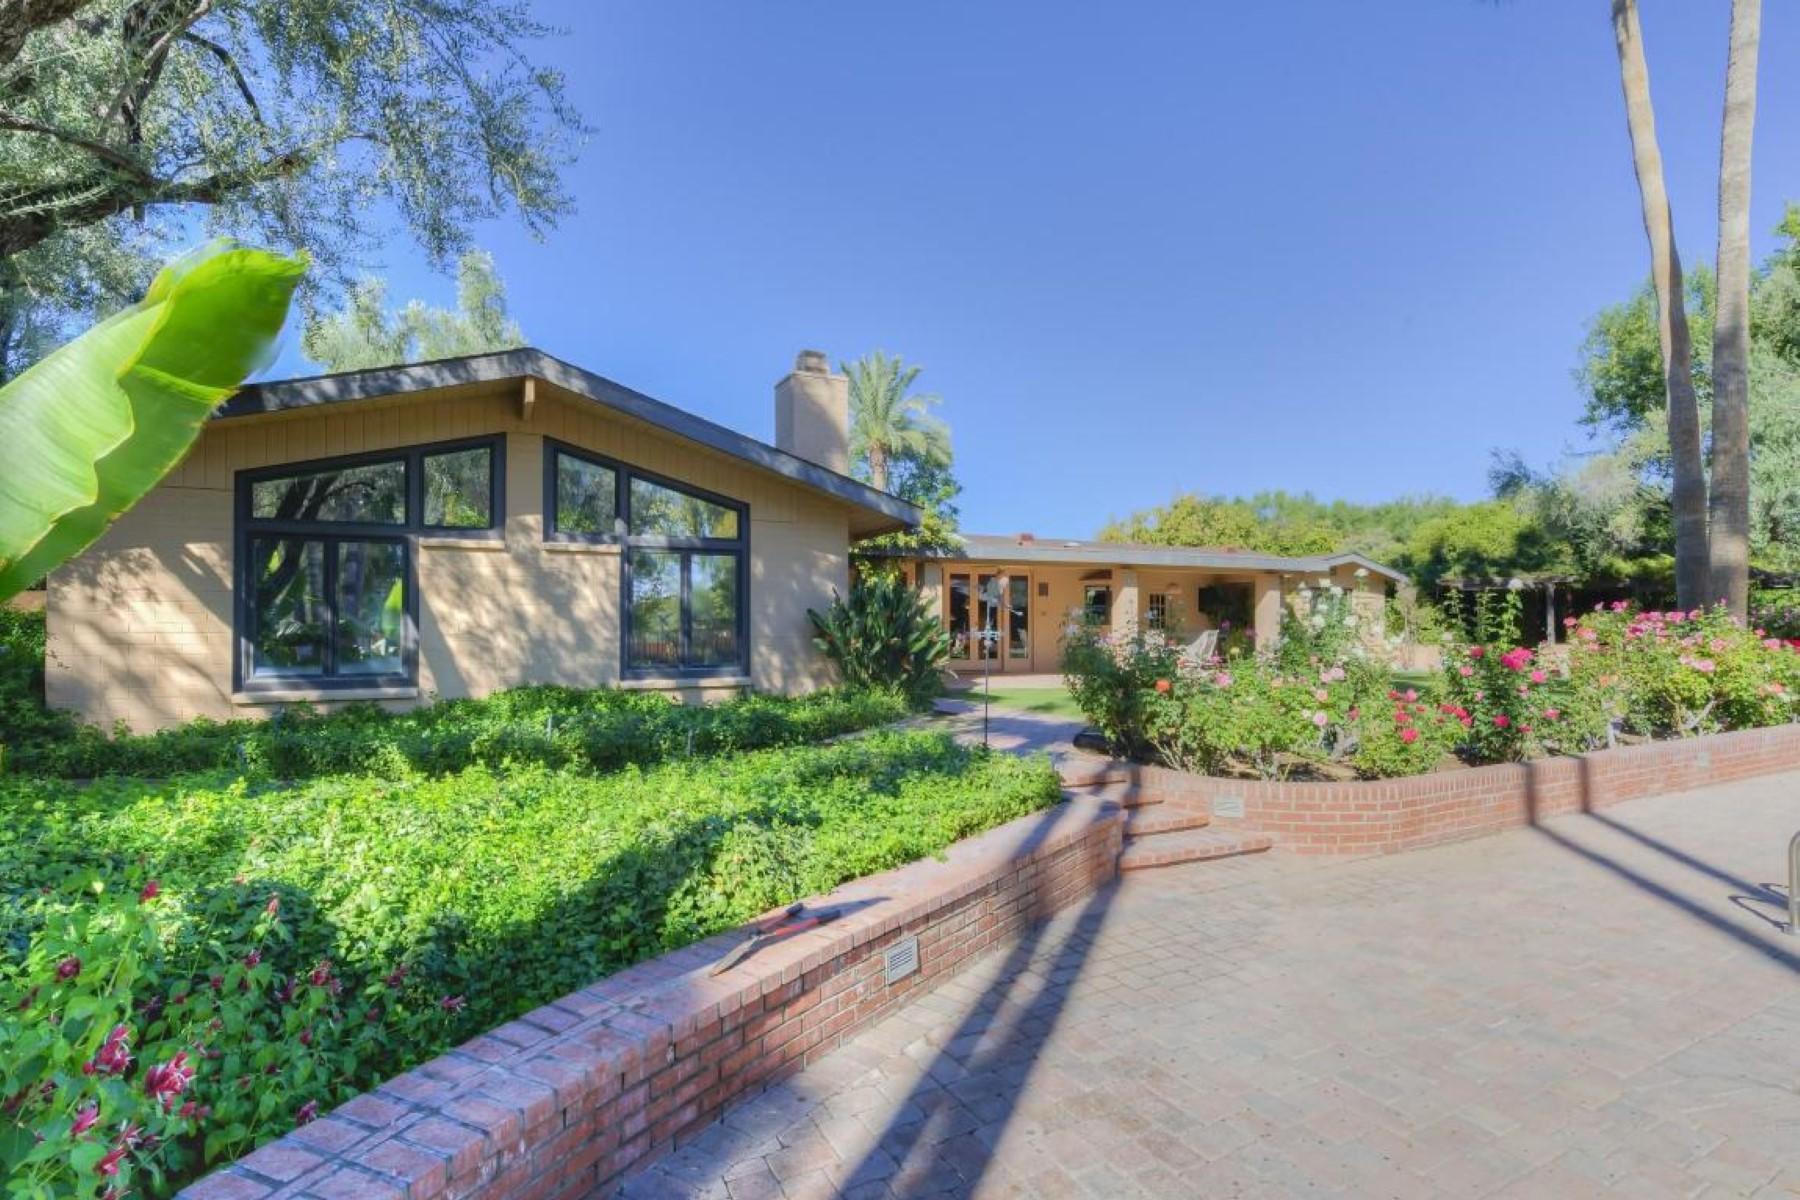 Nhà ở một gia đình vì Bán tại Enchanting Property on Nearly 2 Acres in Paradise Valley 5505 N Casa Blanca Drive Paradise Valley, Arizona 85253 Hoa Kỳ